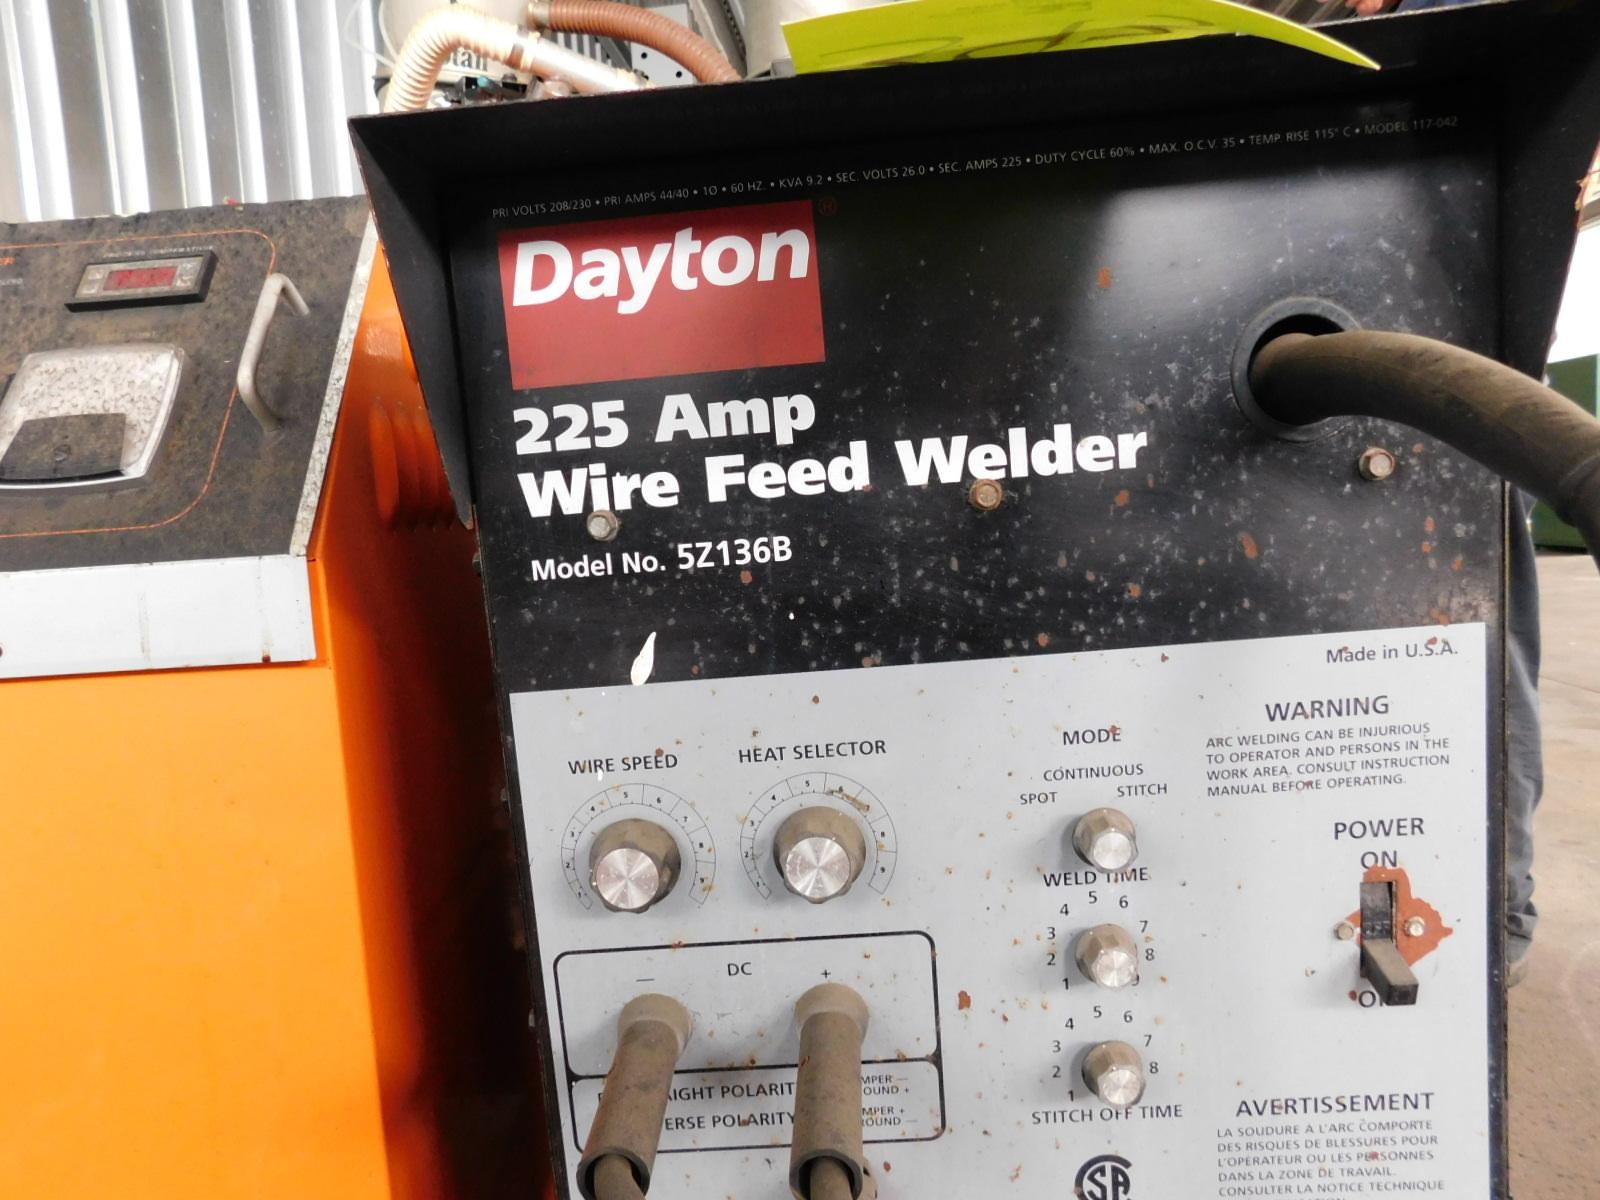 DAYTON 225 AMP WIRE FEED WELDER, MODEL 5Z136B. LOADING PROVIDED BY ...